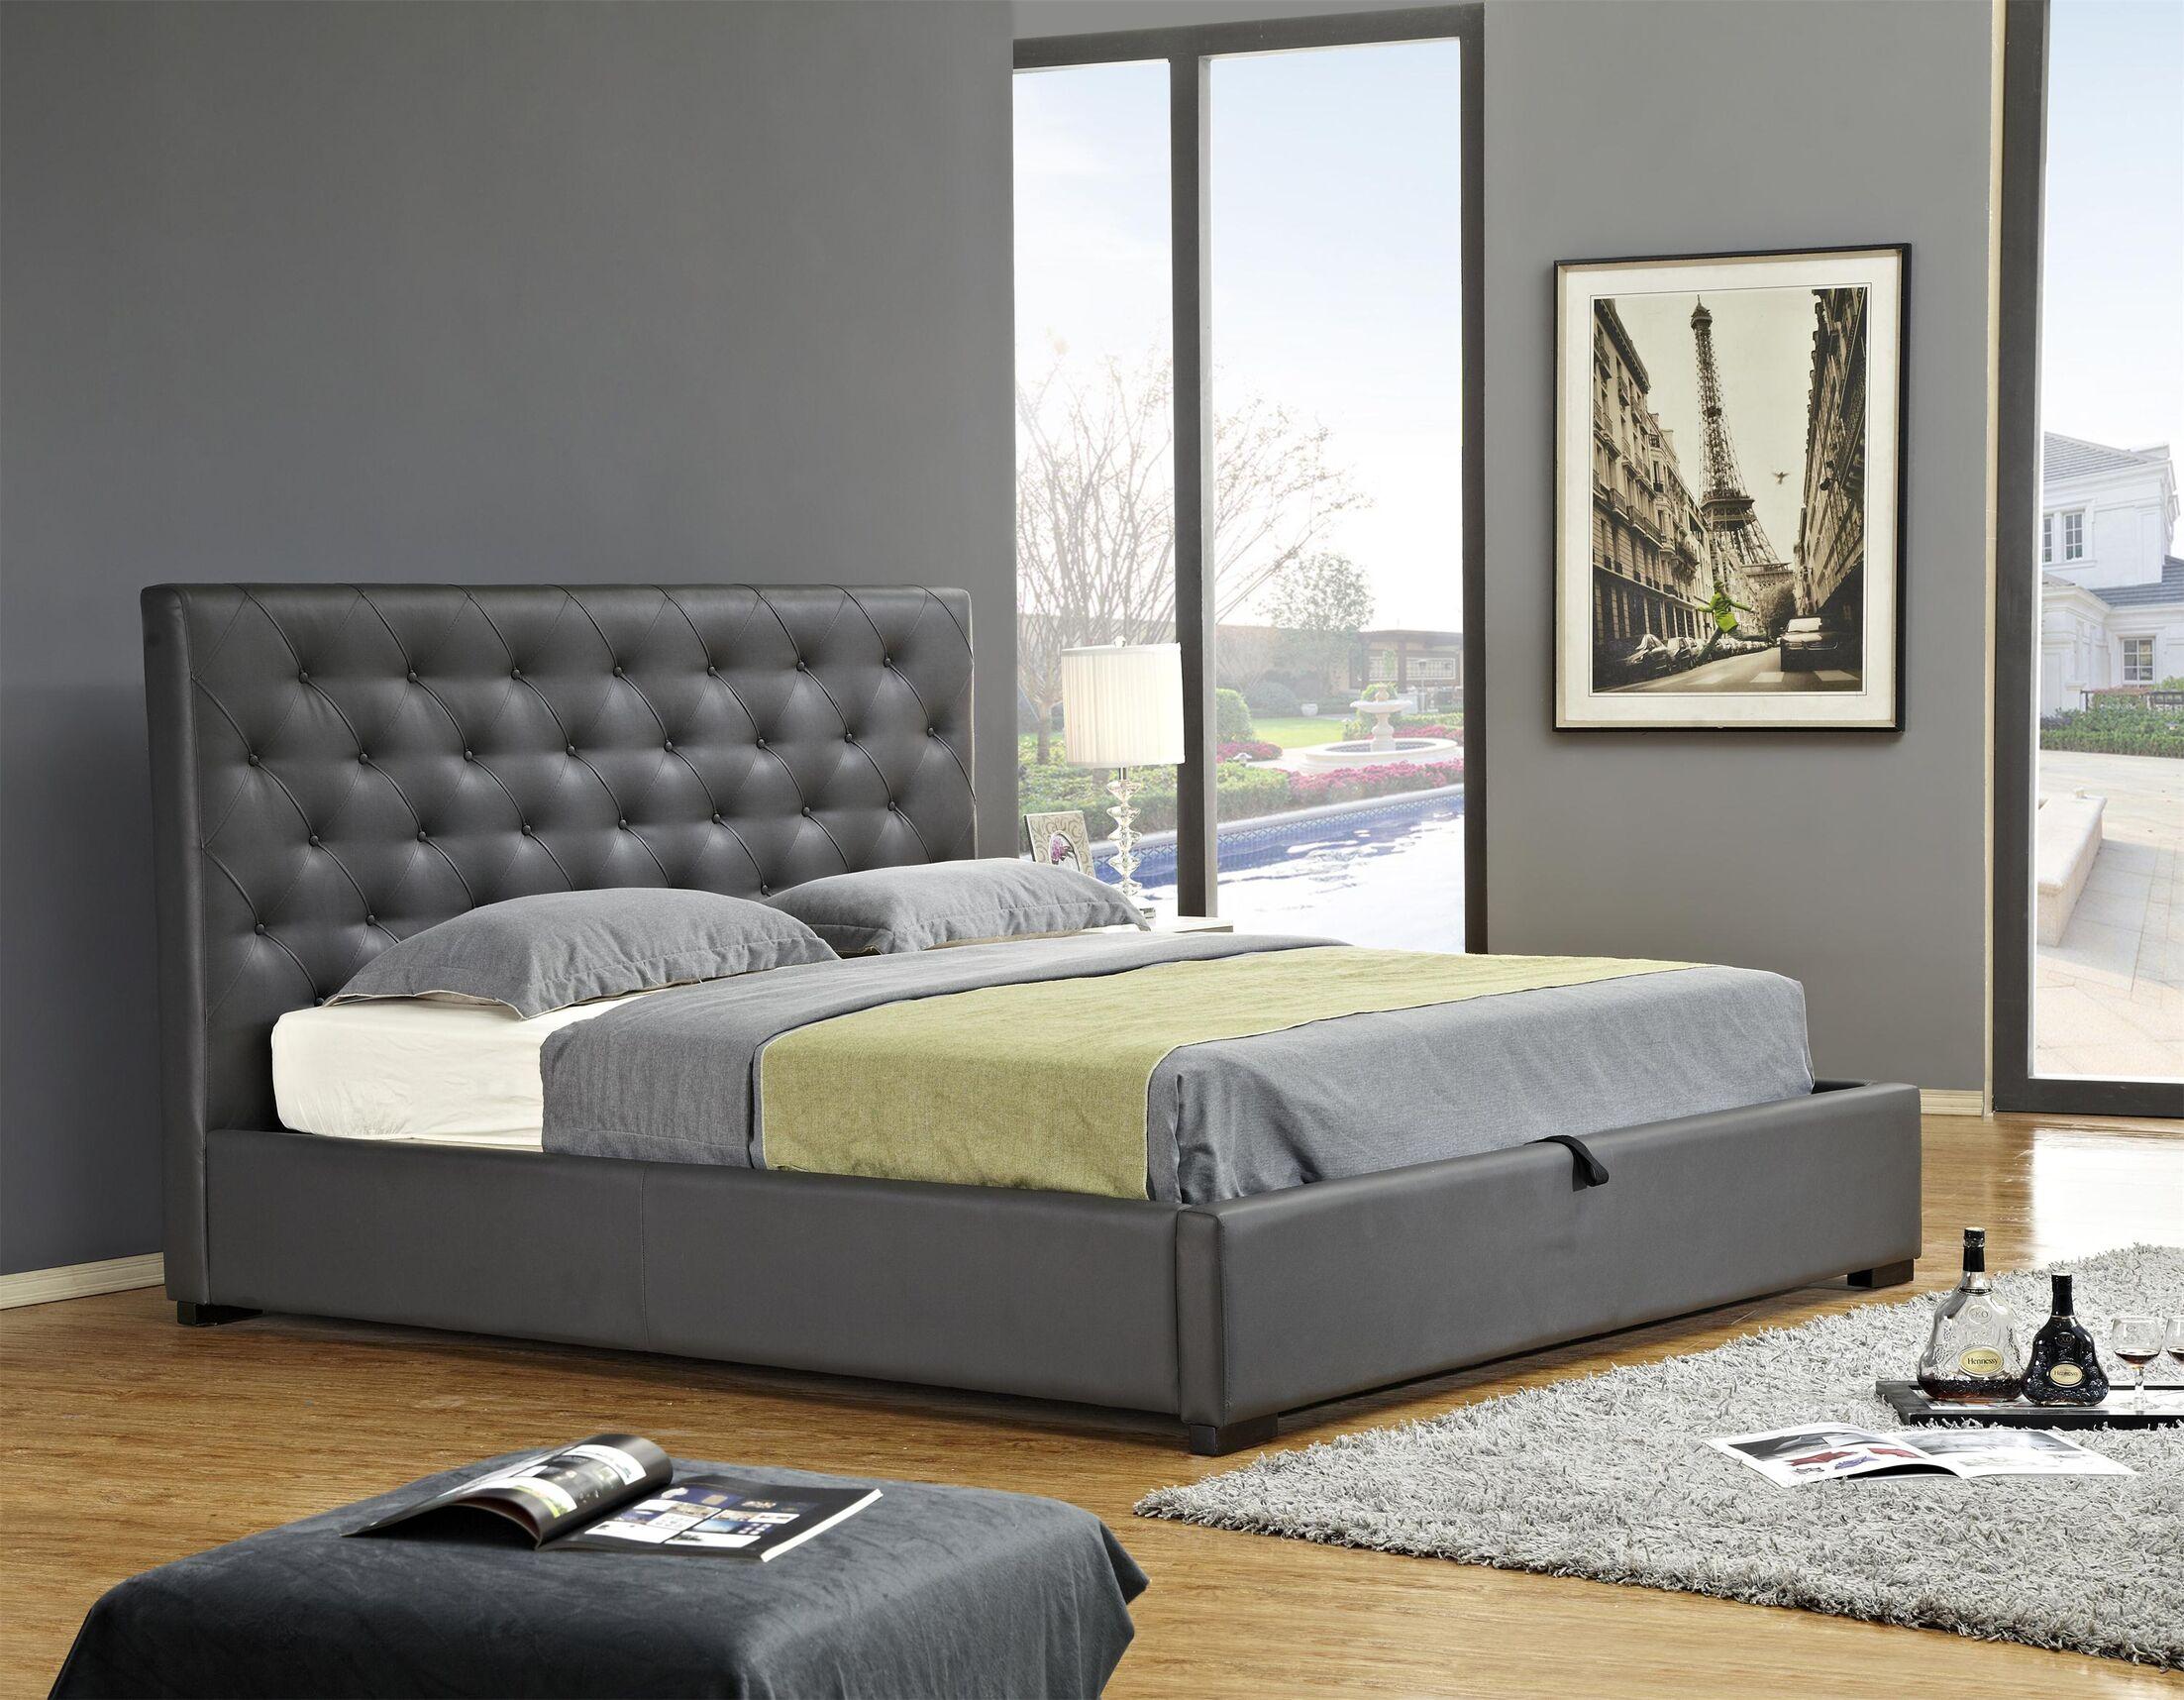 Delaney Upholstered Storage Platform Bed Size: Queen